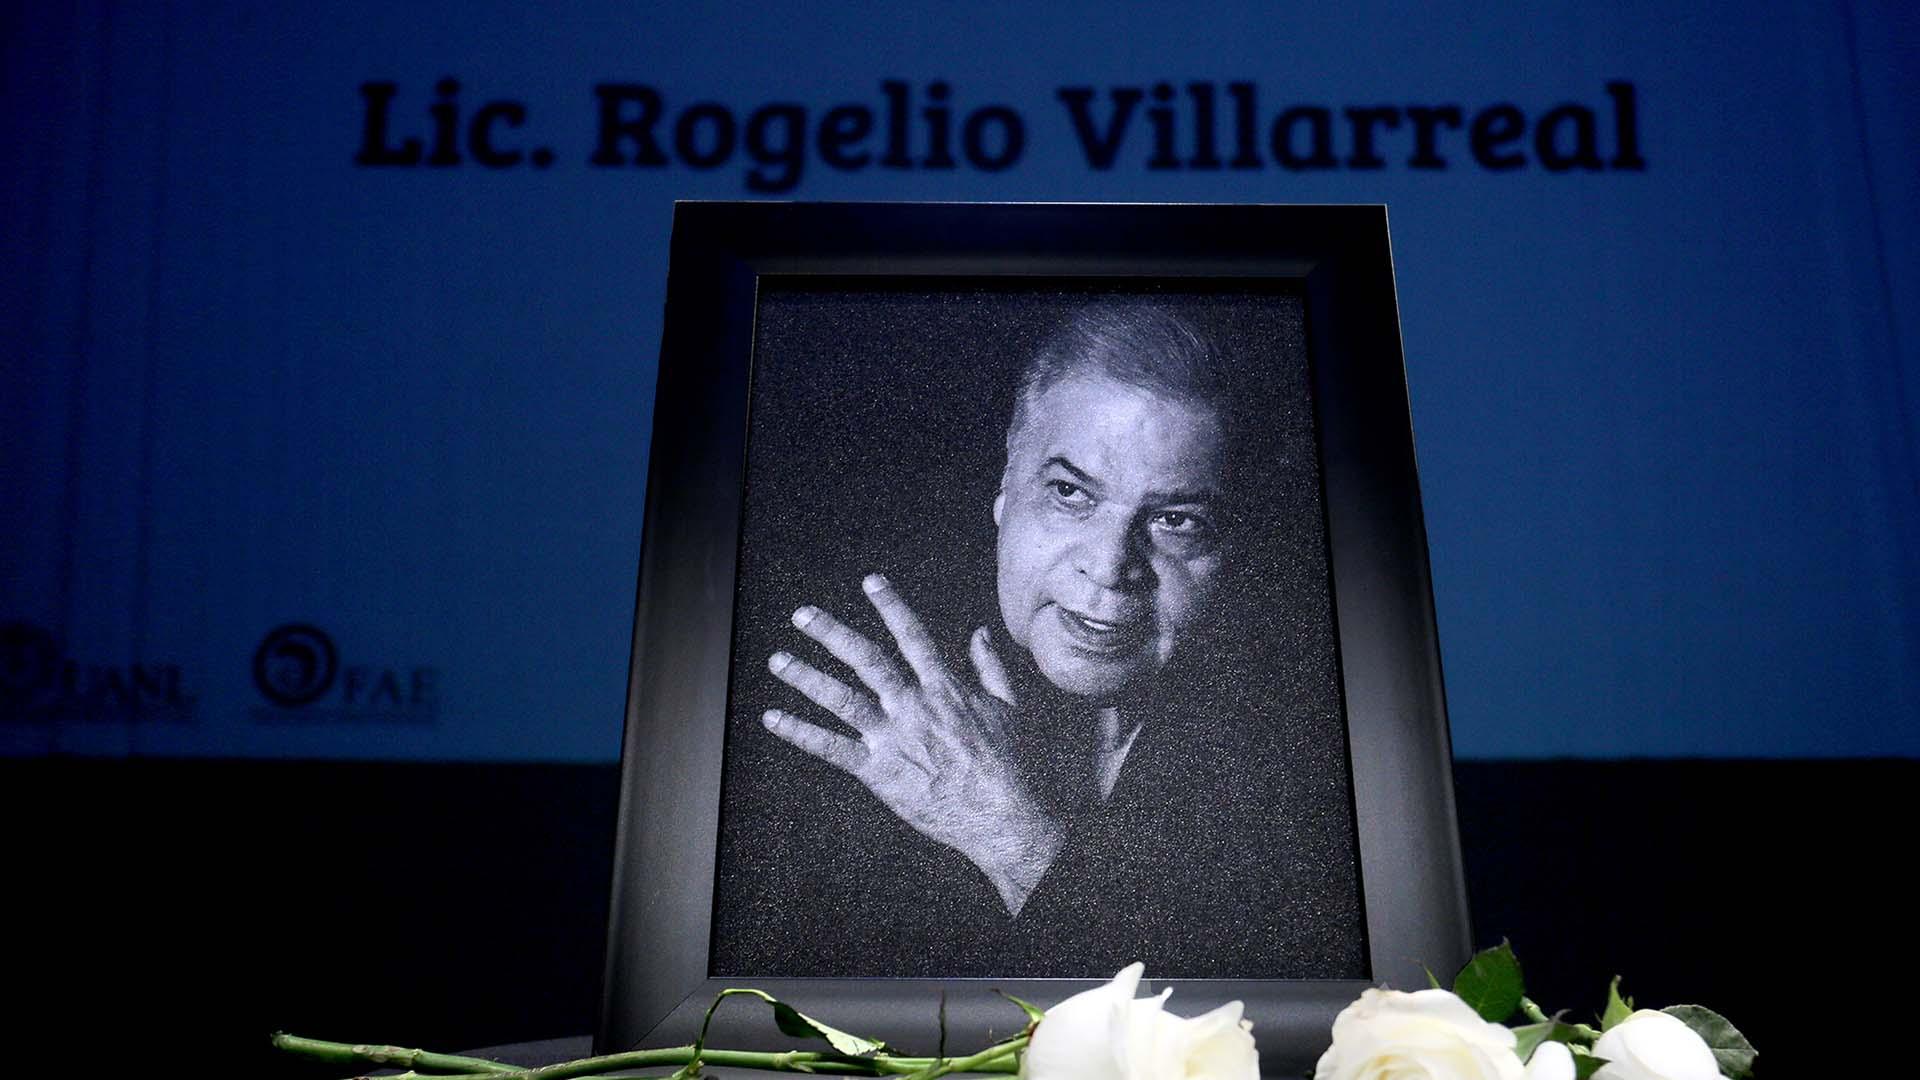 Deja Rogelio Villarreal legado artístico y cultural en la UANL